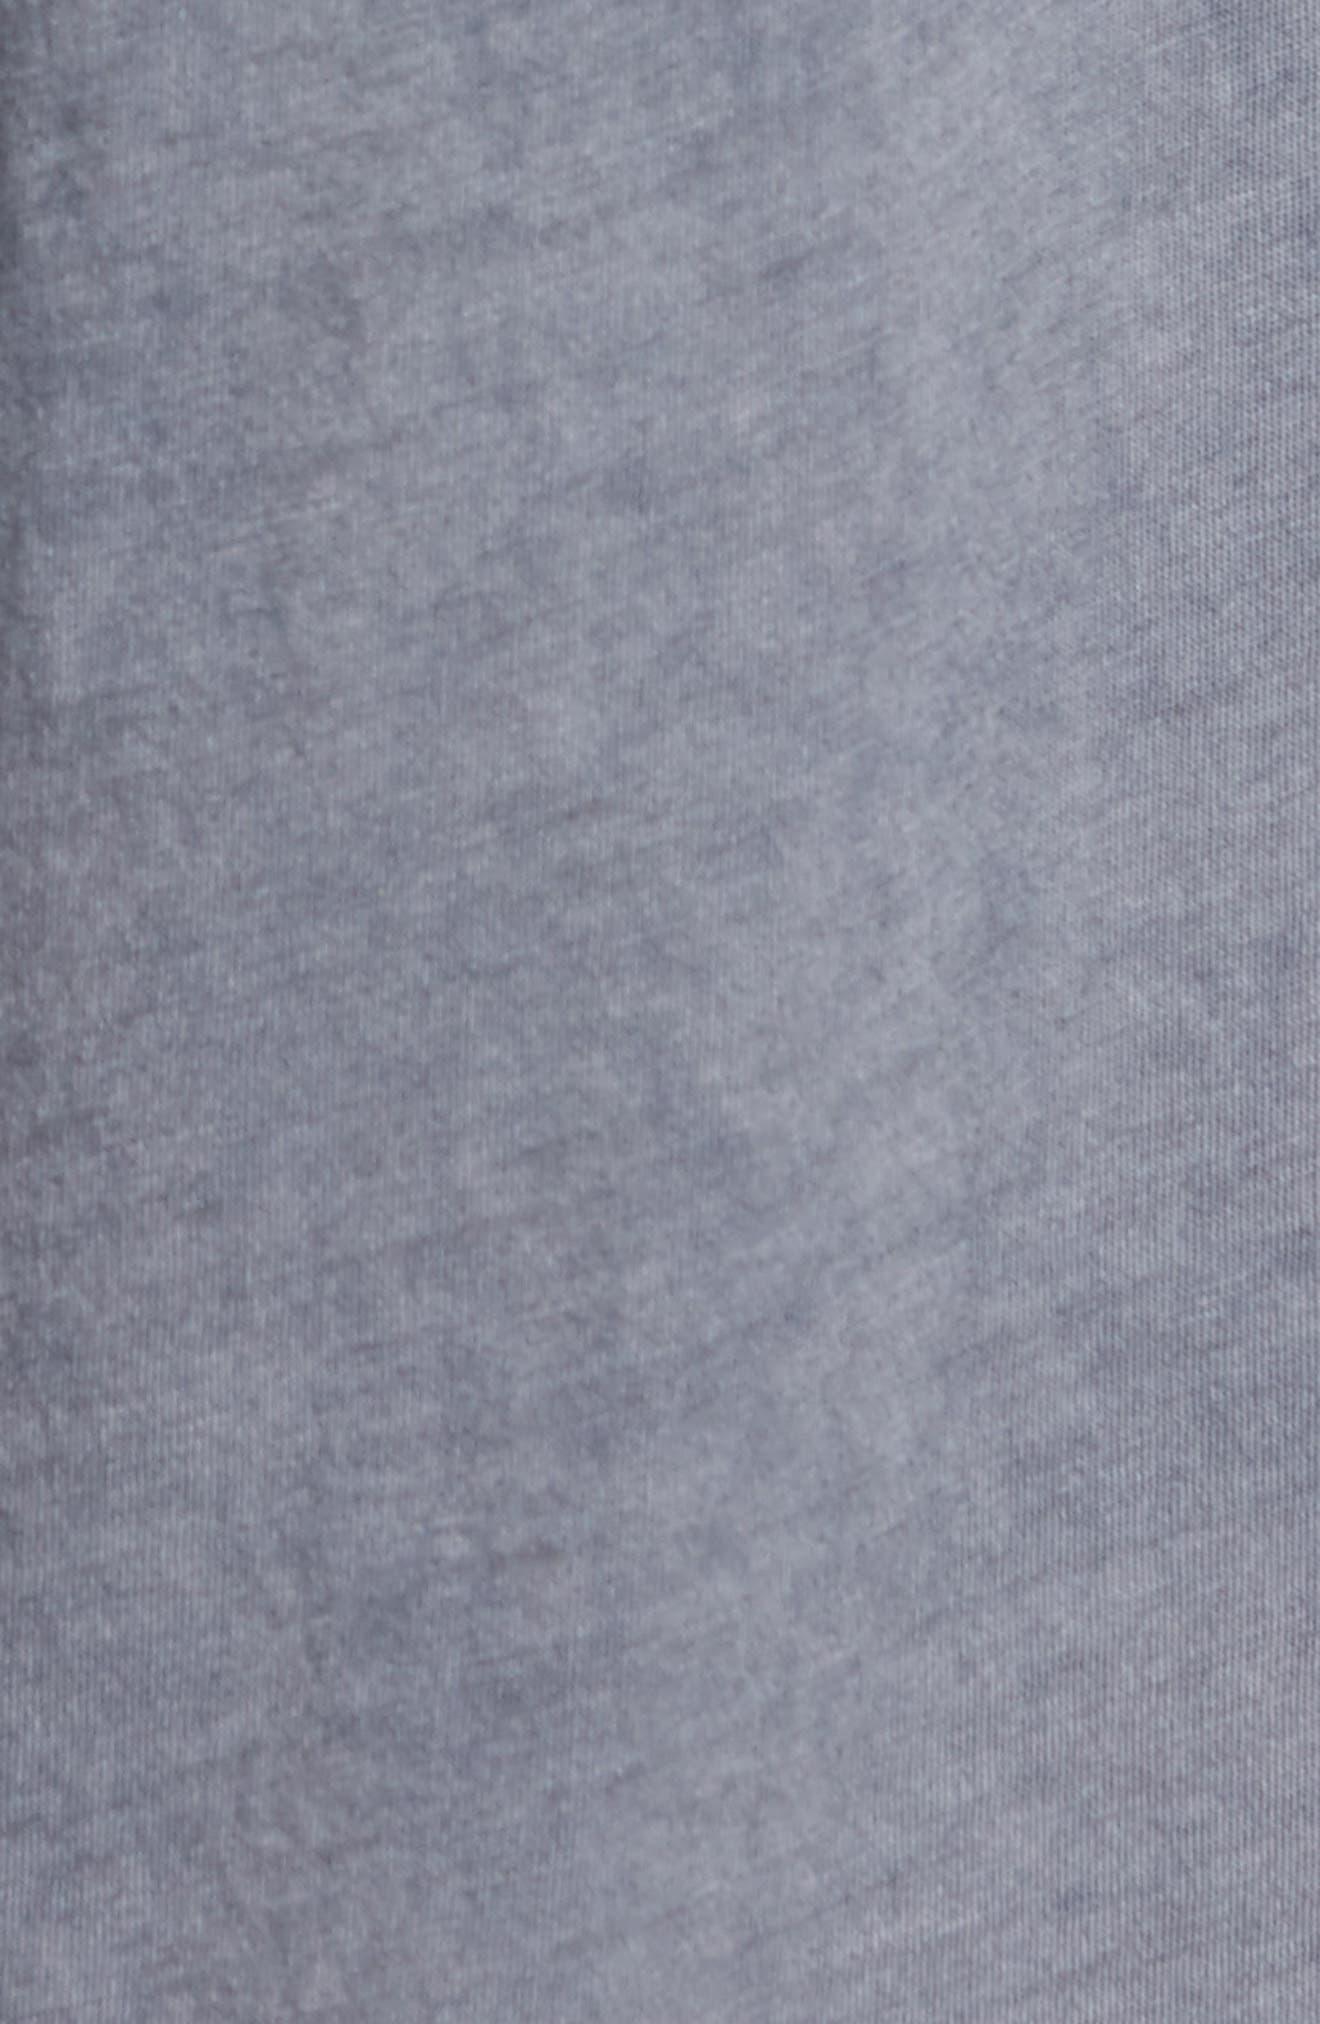 Cotton Lounge Pants,                             Alternate thumbnail 5, color,                             Navy